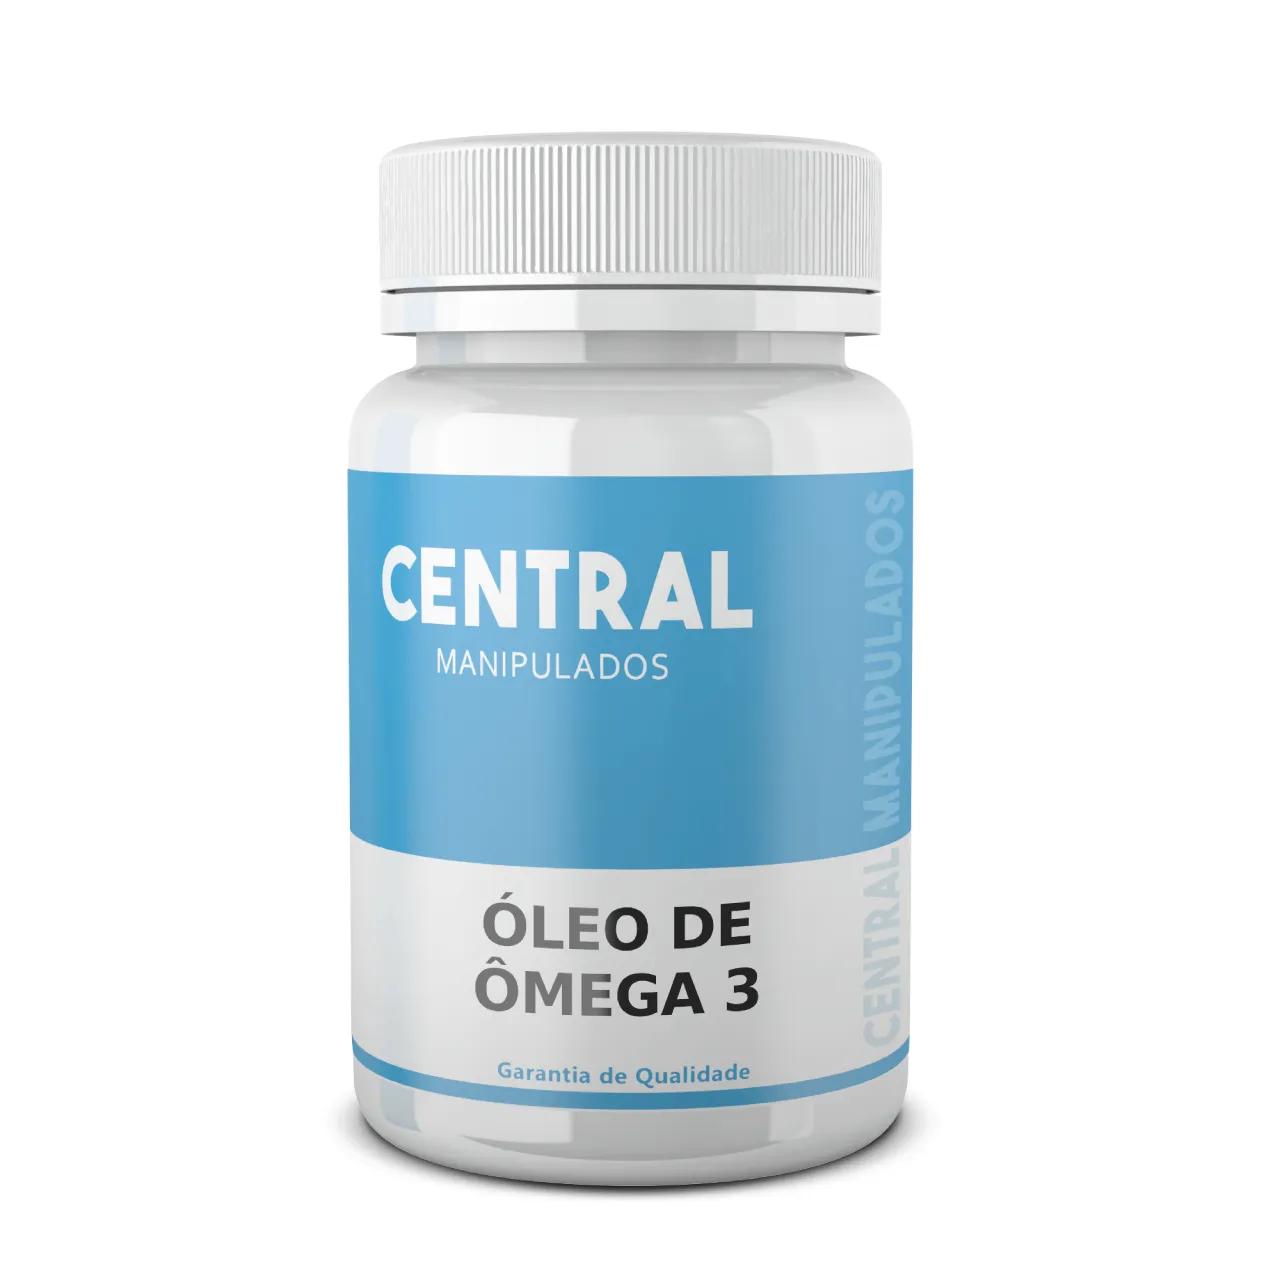 Óleo de Peixe OMEGA 3 - 60 cápsulas - Redução do Colesterol, Antiinflamatório, Efeitos Positivos na Composição Corporal